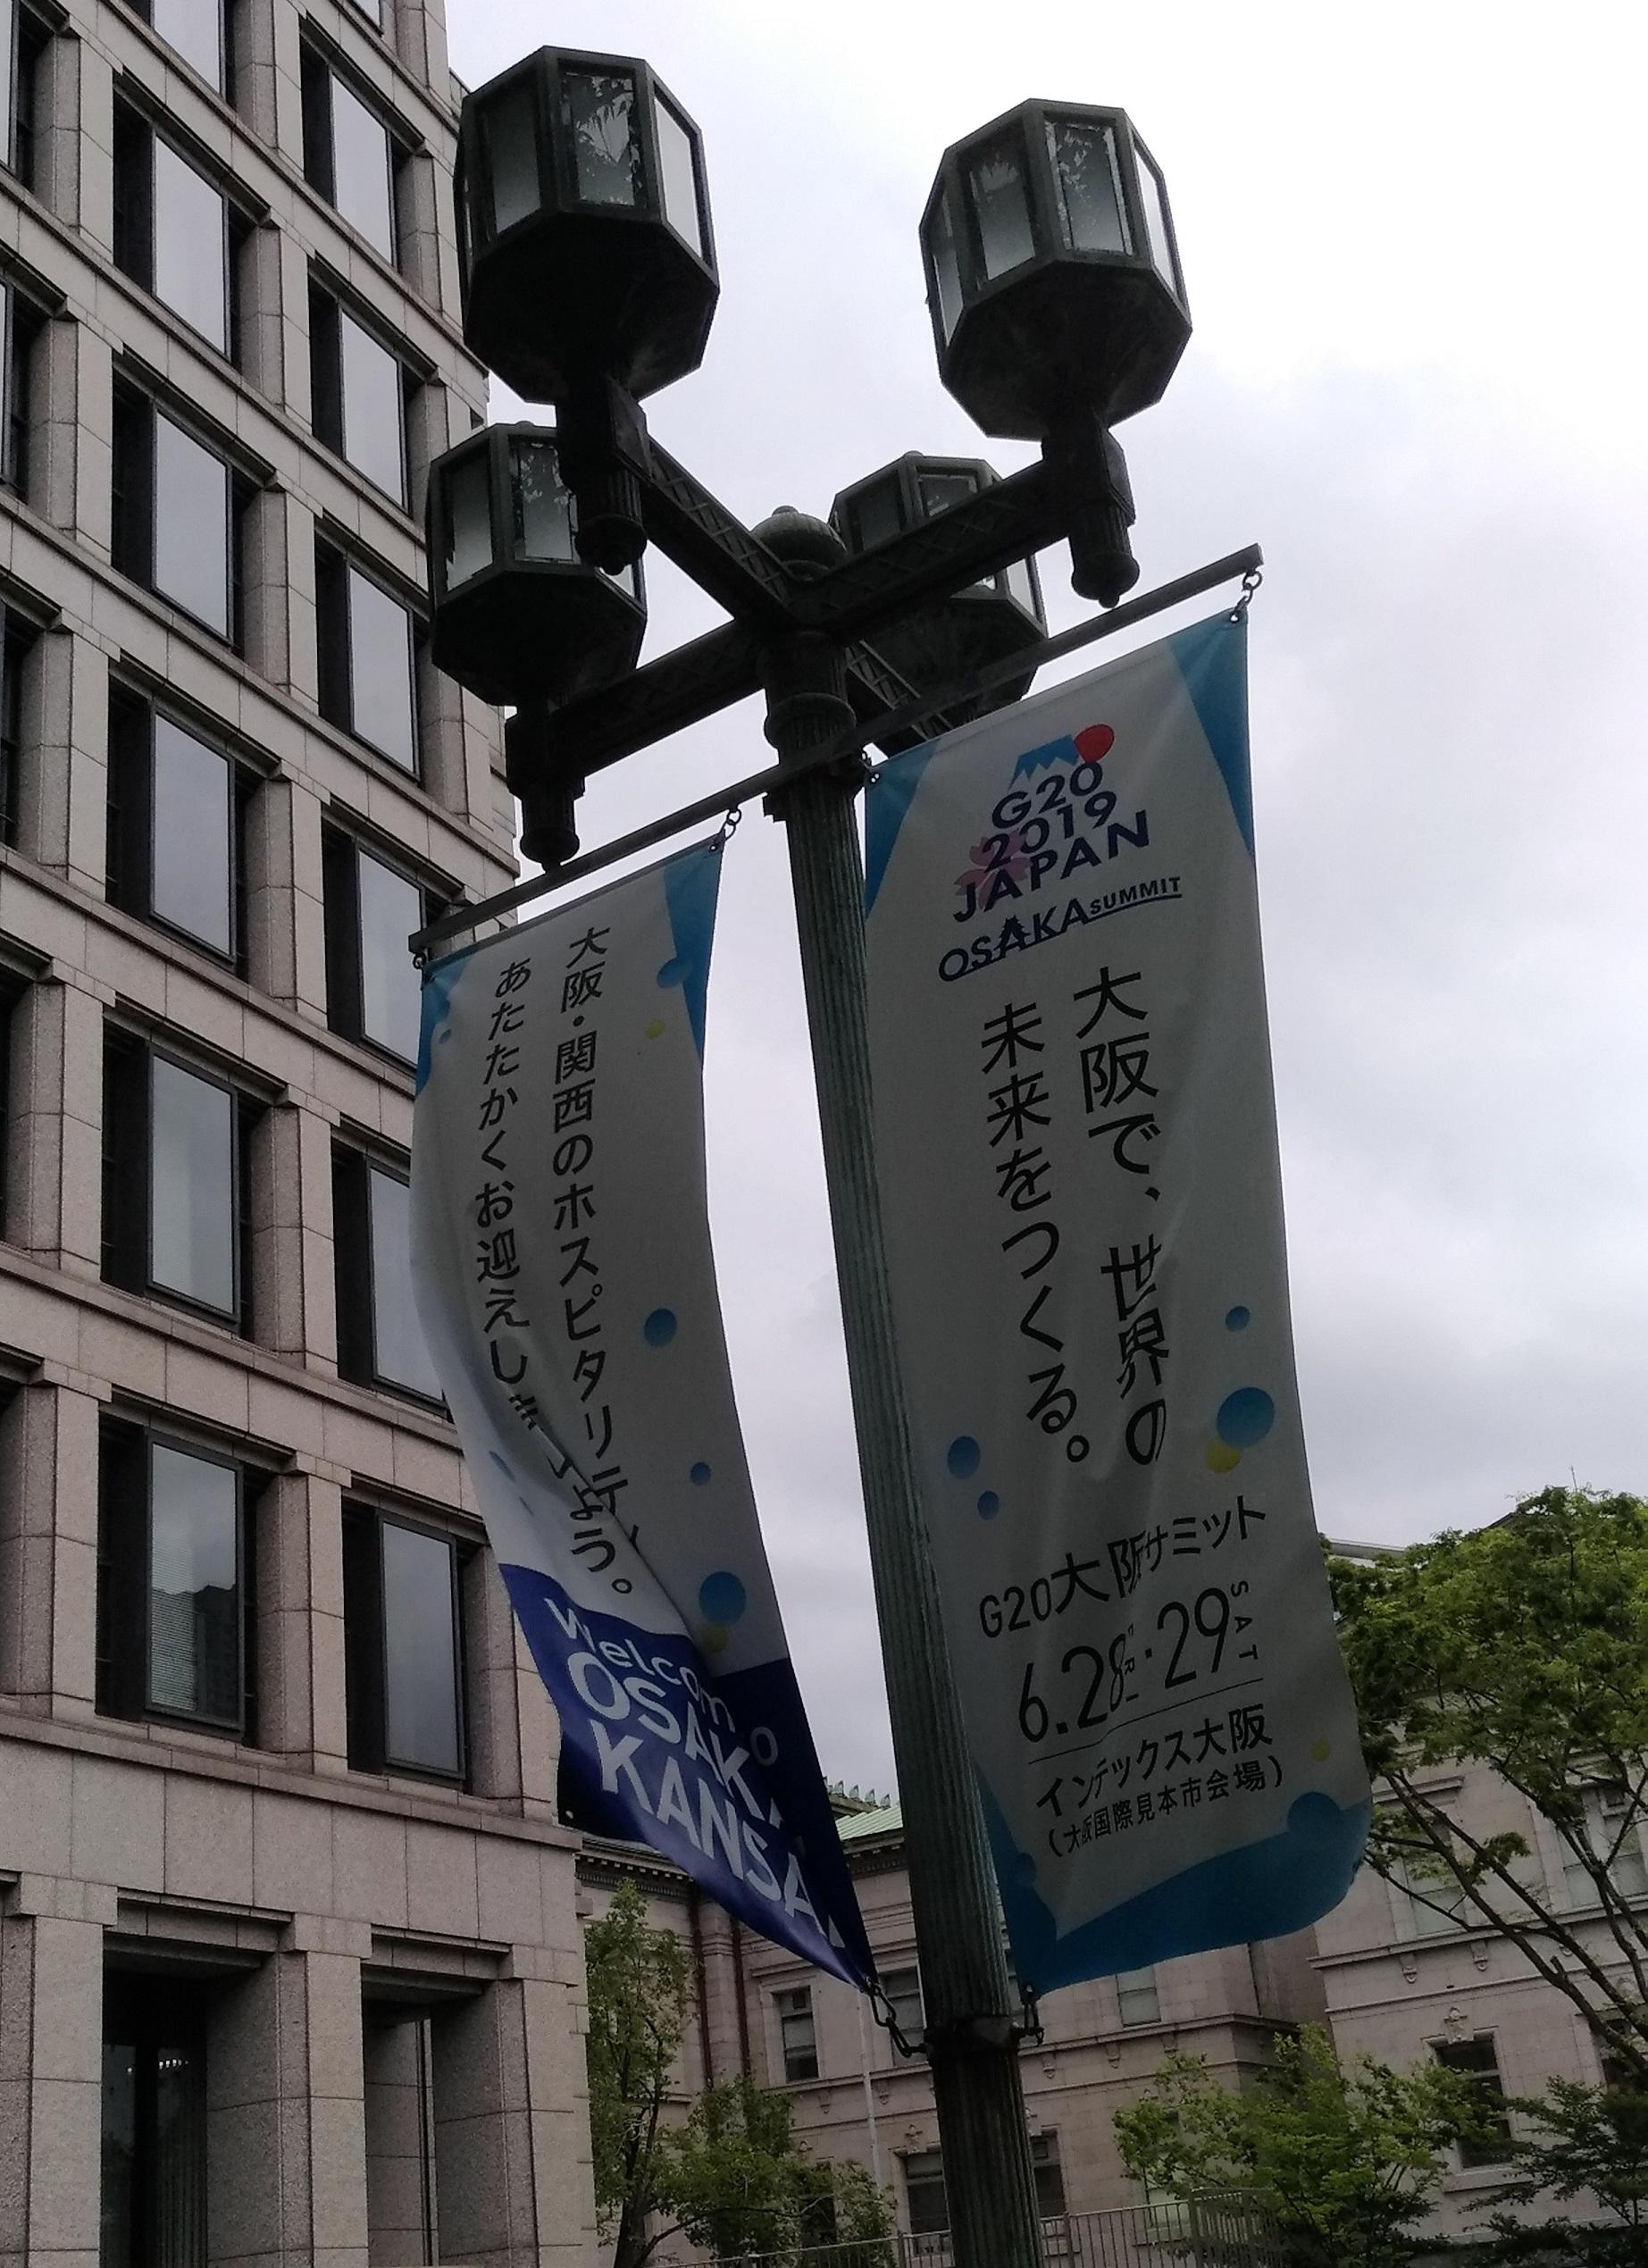 osaka_city_G20samit_.jpg